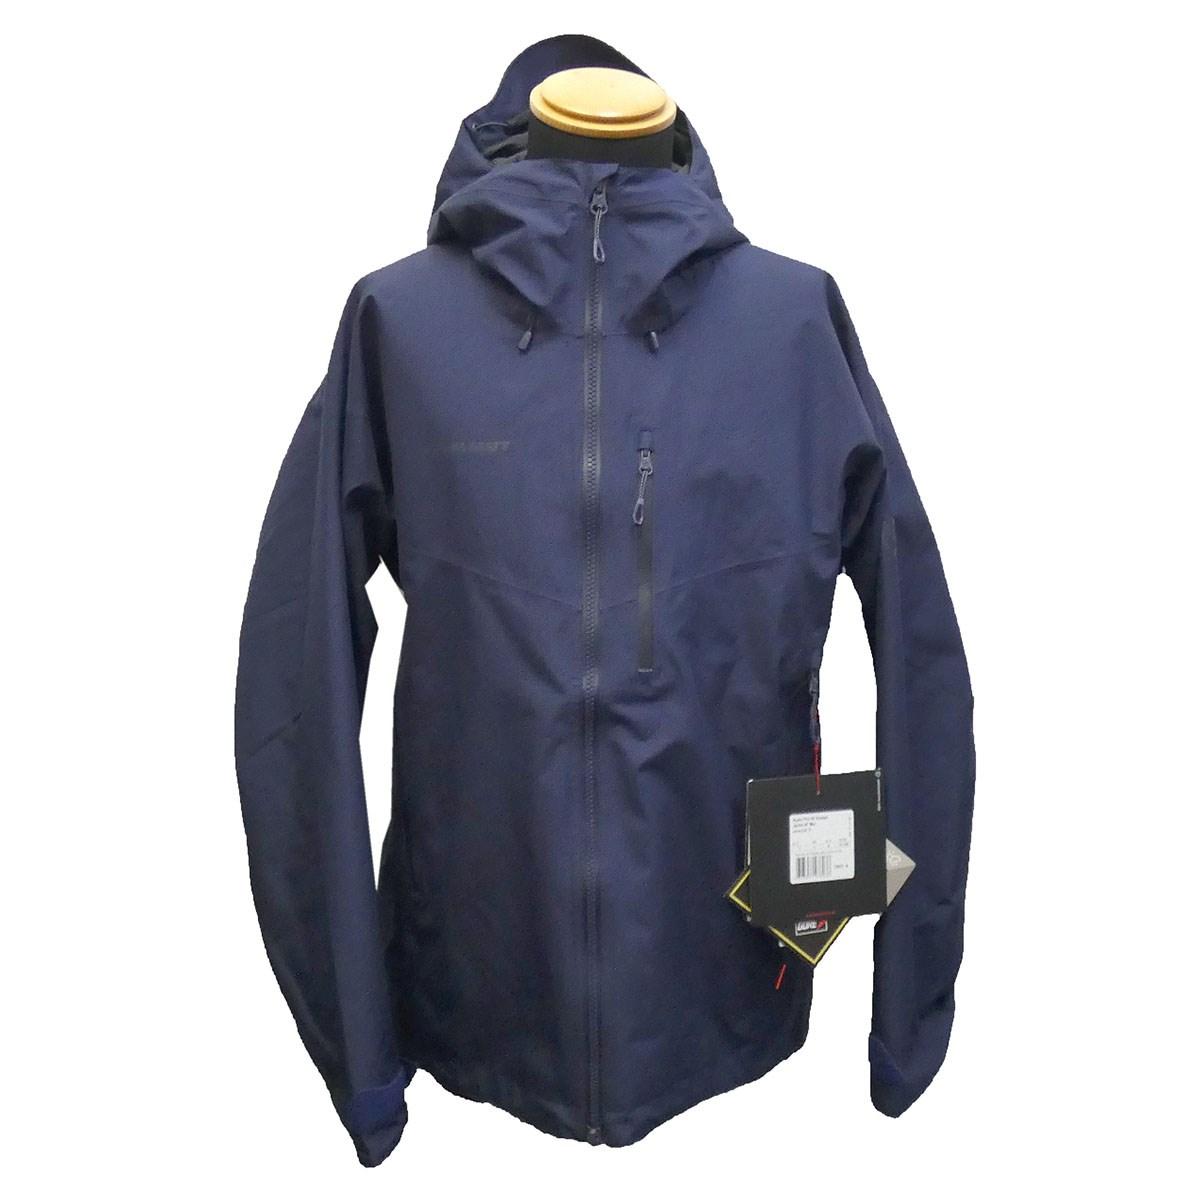 【中古】MAMMUT 20SS 「Ayako Pro HS Hooded Jacket」GORE-TEXマウンテンパーカー ネイビー サイズ:M 【100520】(マムート)